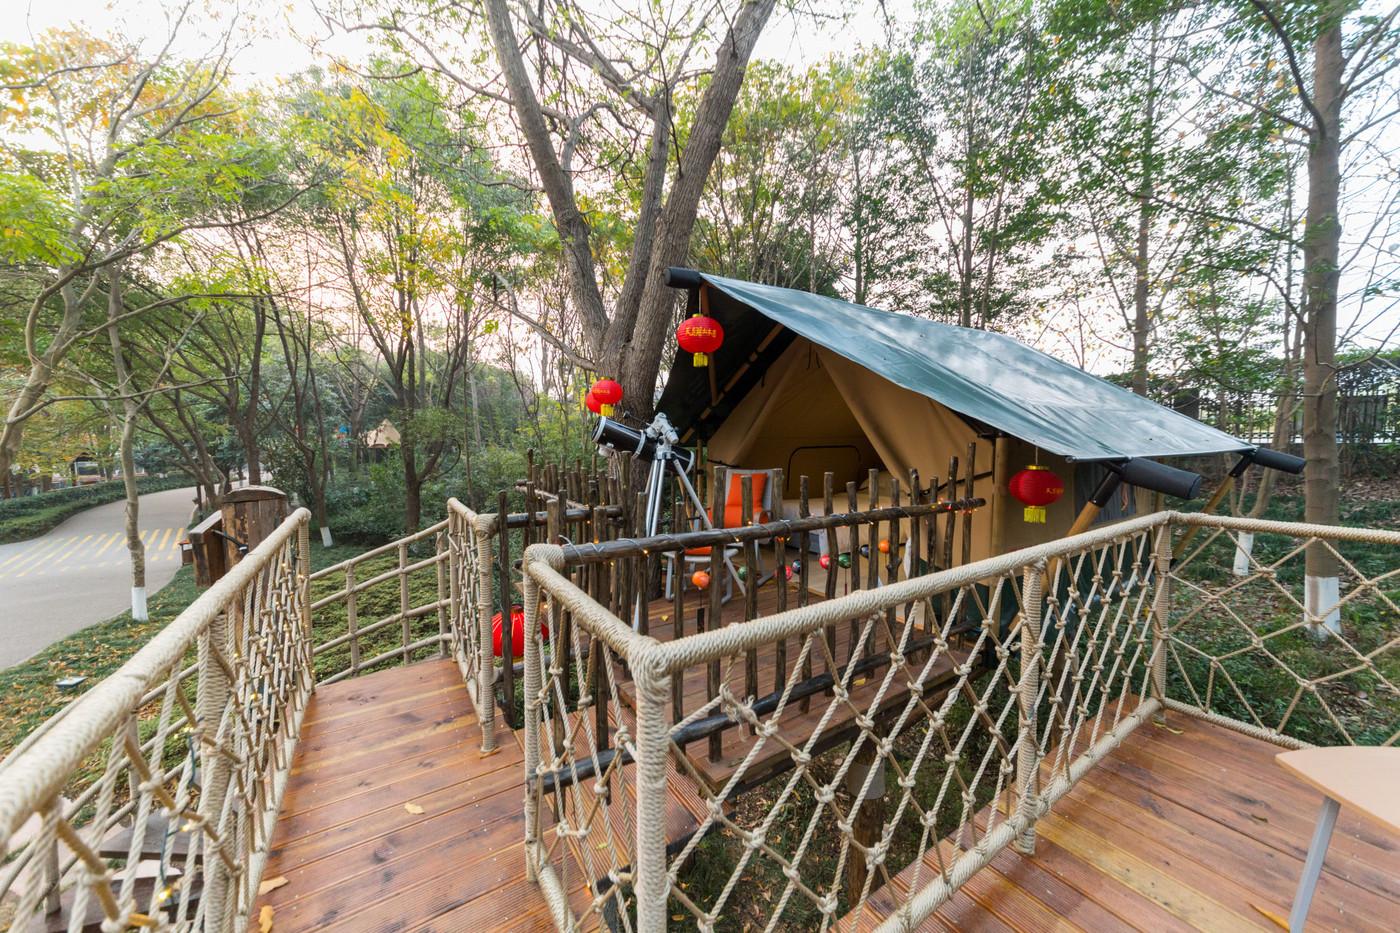 喜马拉雅野奢帐篷酒店—江苏常州天目湖树屋帐篷酒店11